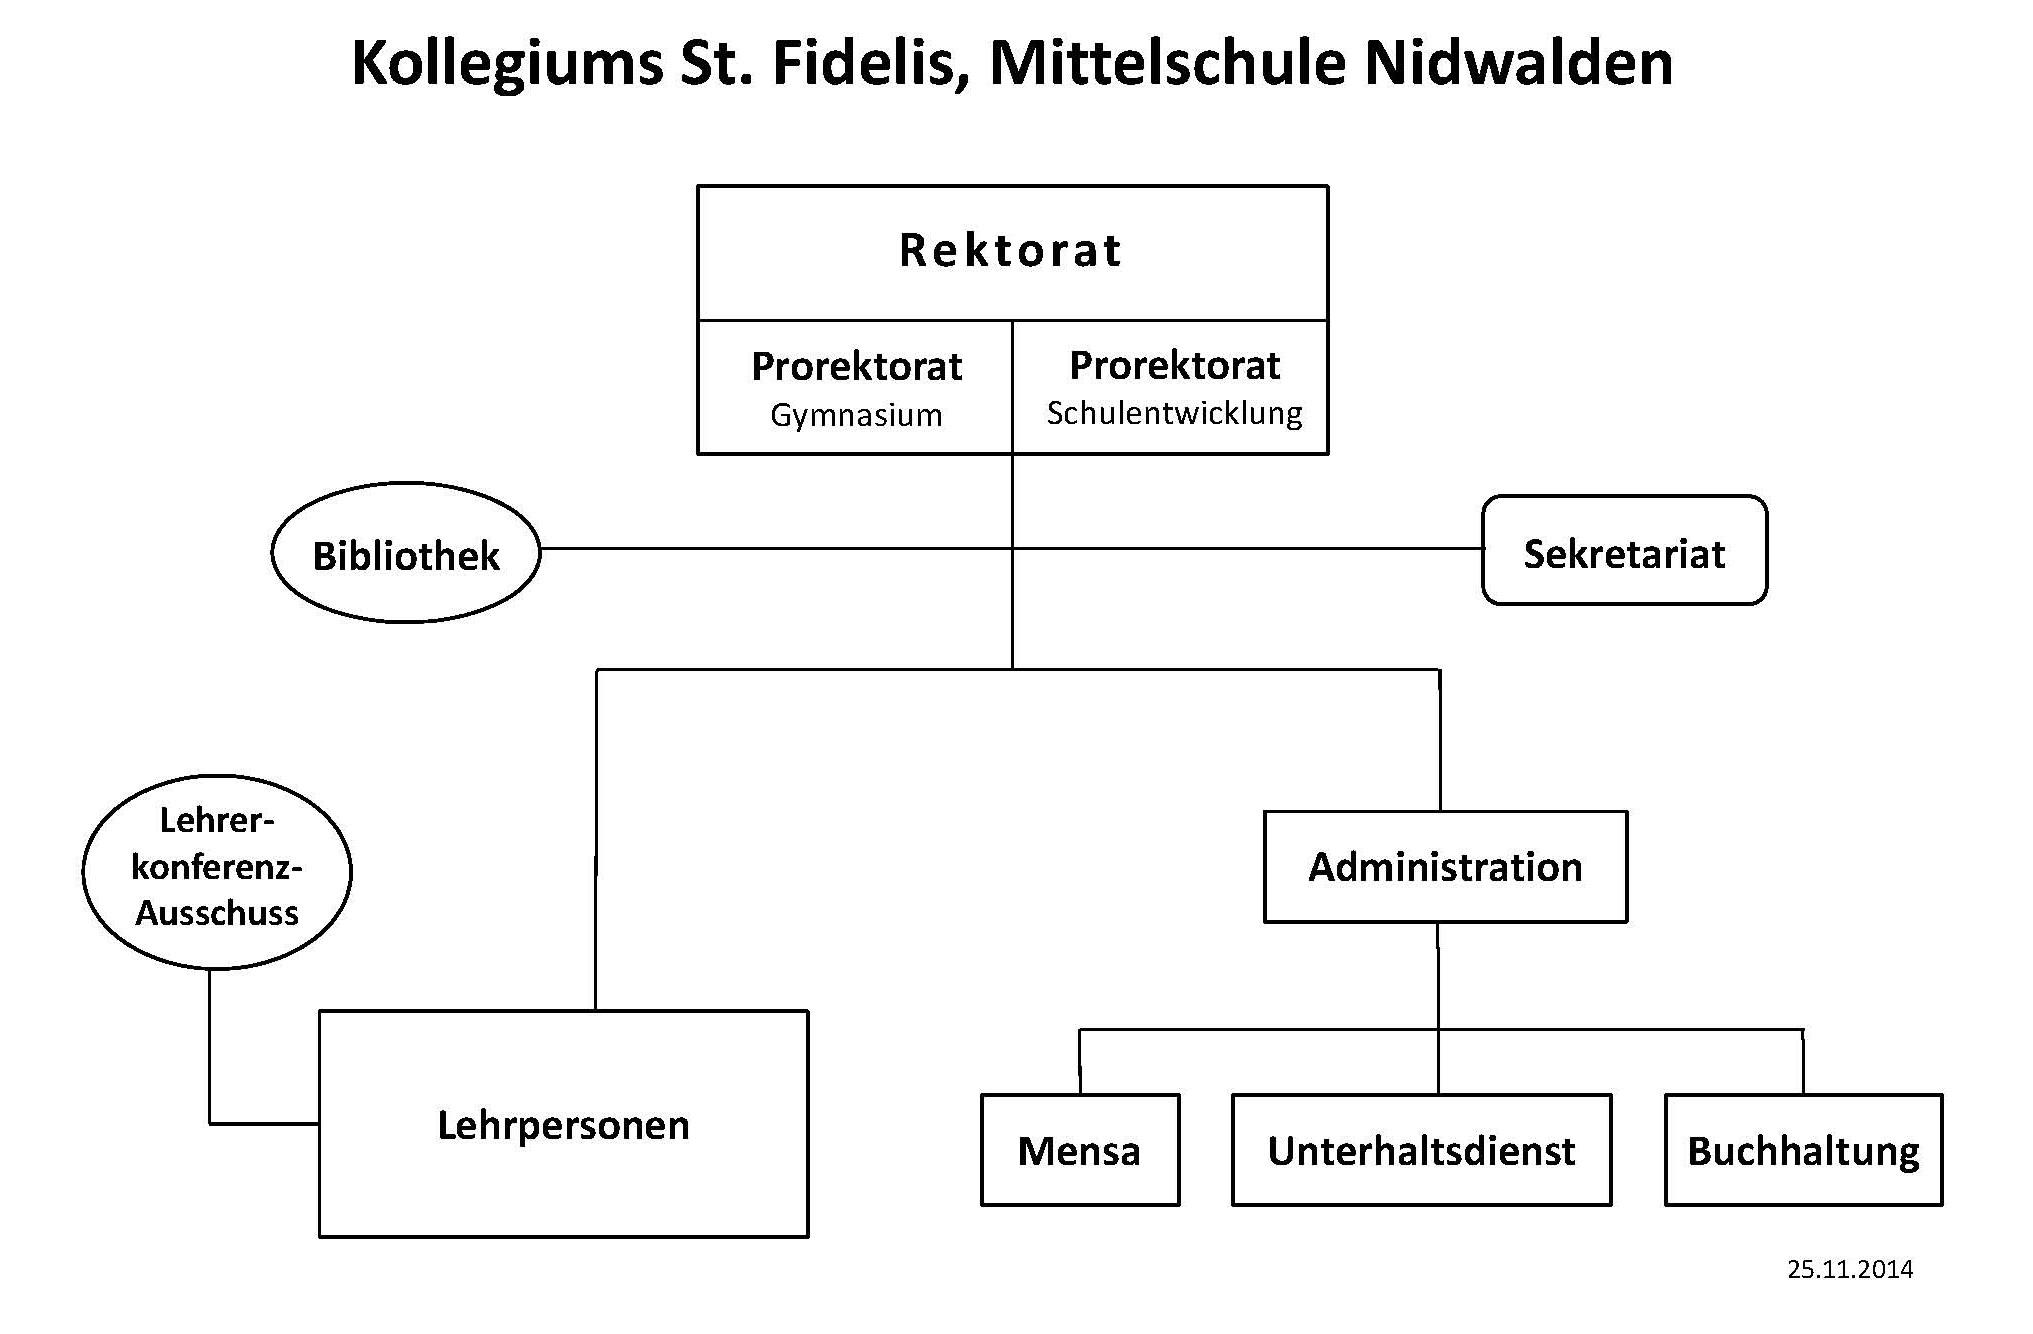 Organigramm des Kollegiums